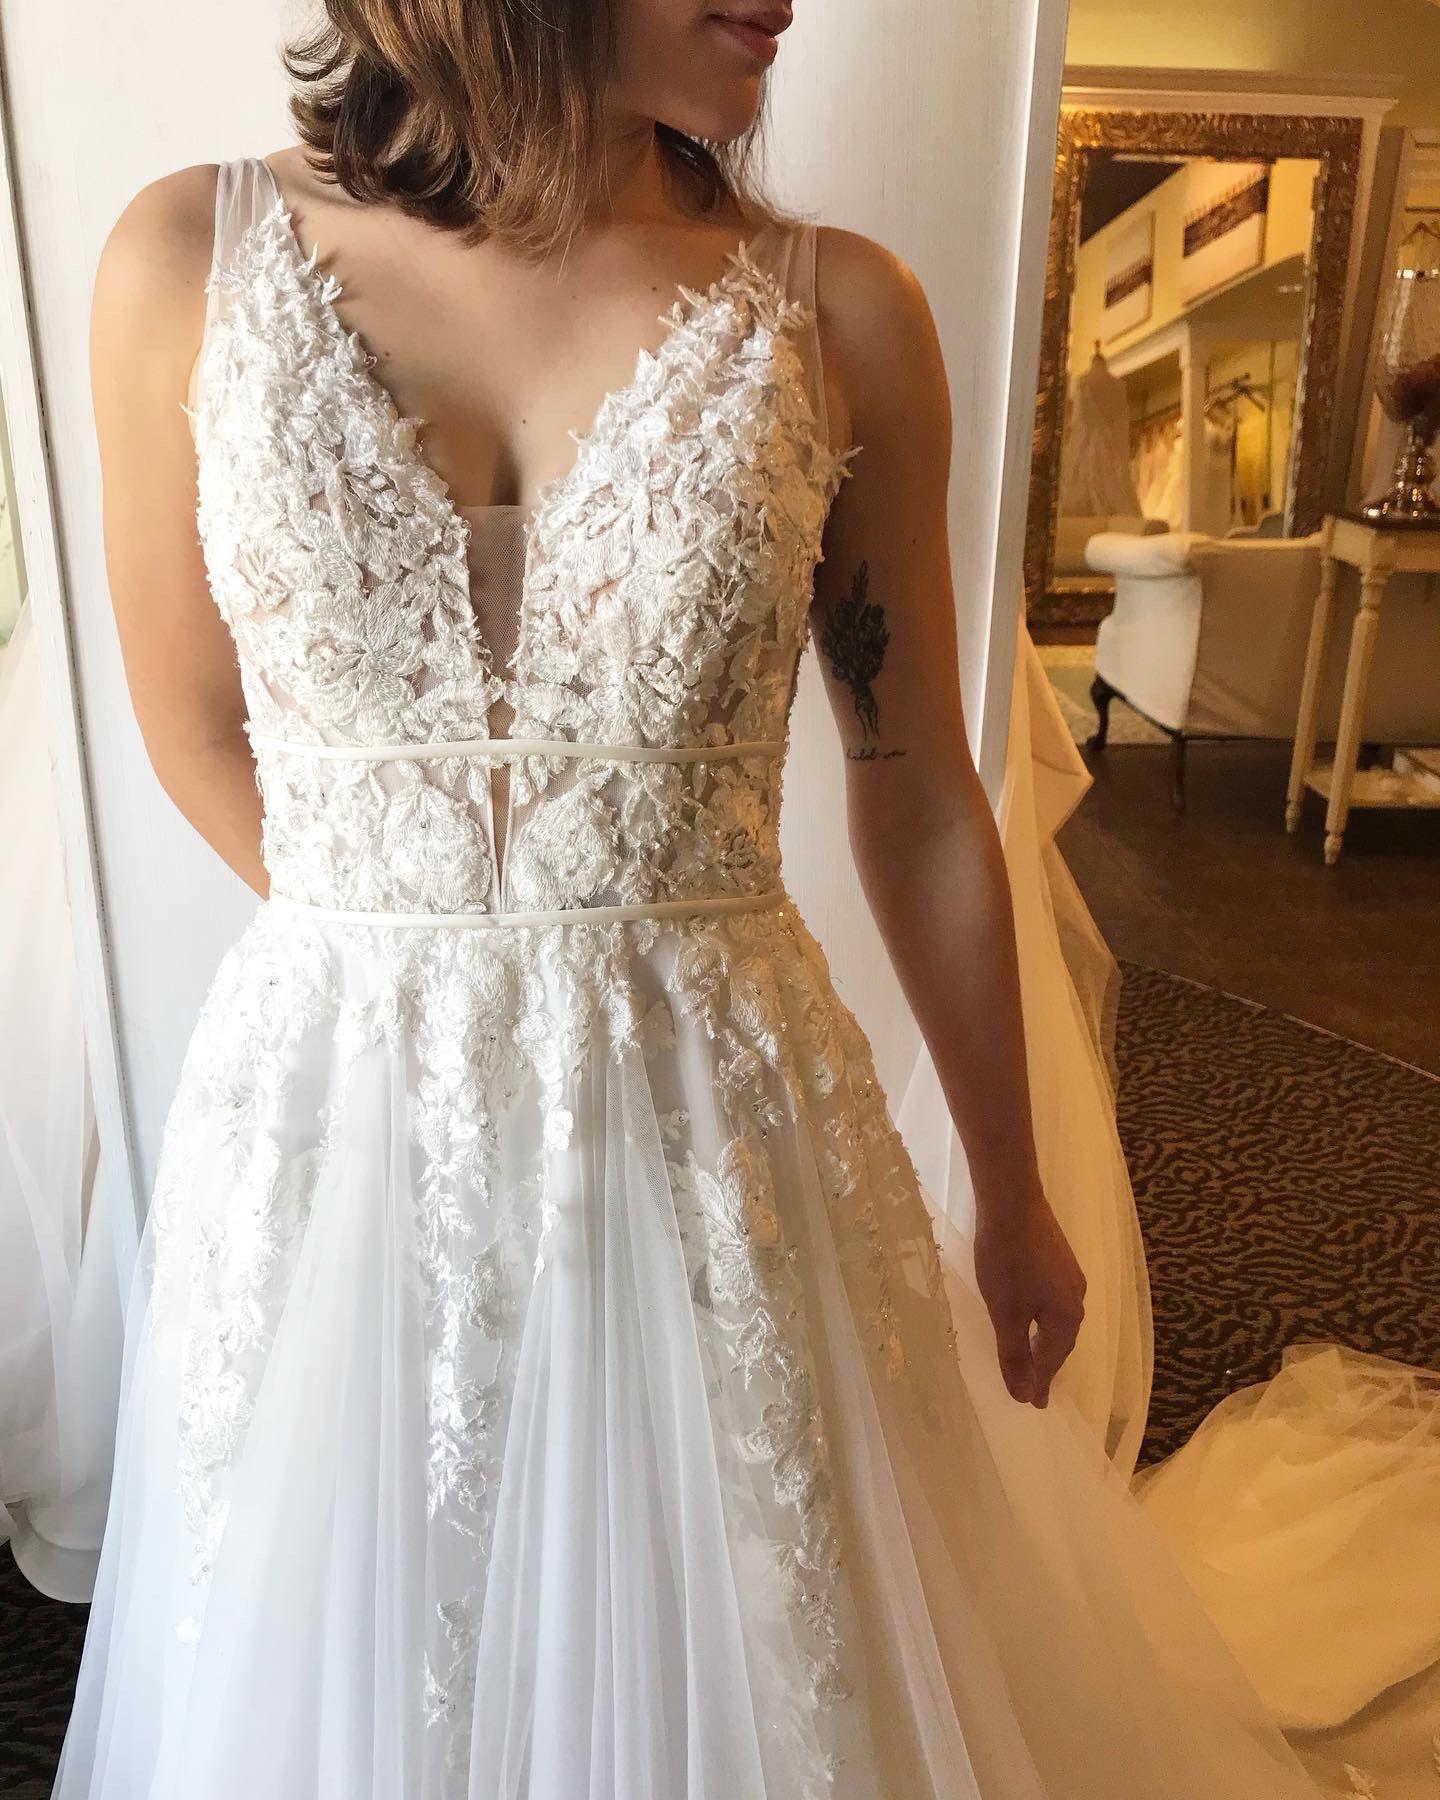 I Do Bridal Bridal Gowns Formal Wear Mobile Al Mori Lee Wedding Dress Mori Lee Bridal Wedding Dress Inspiration